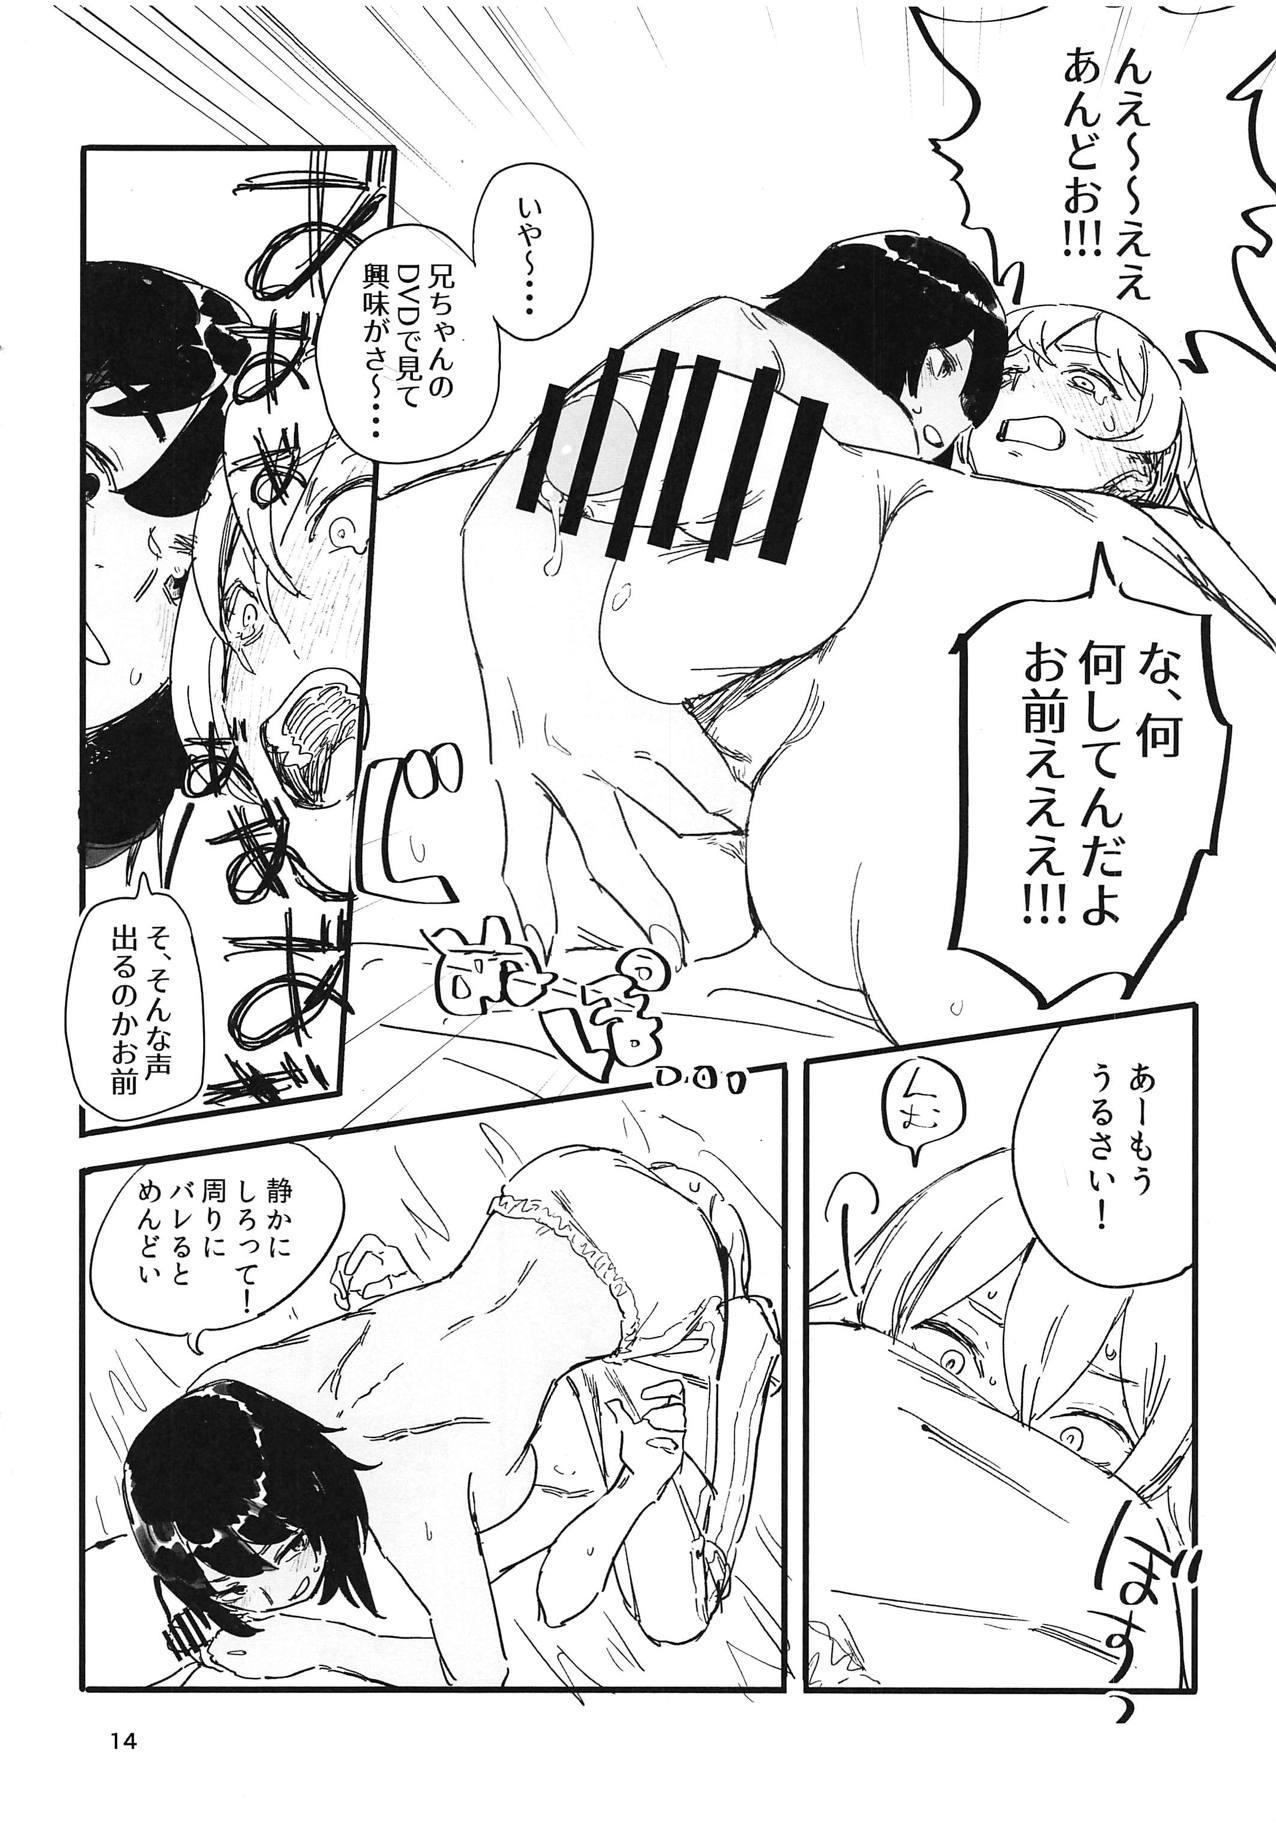 Oshida-kun no Shiroi no 12